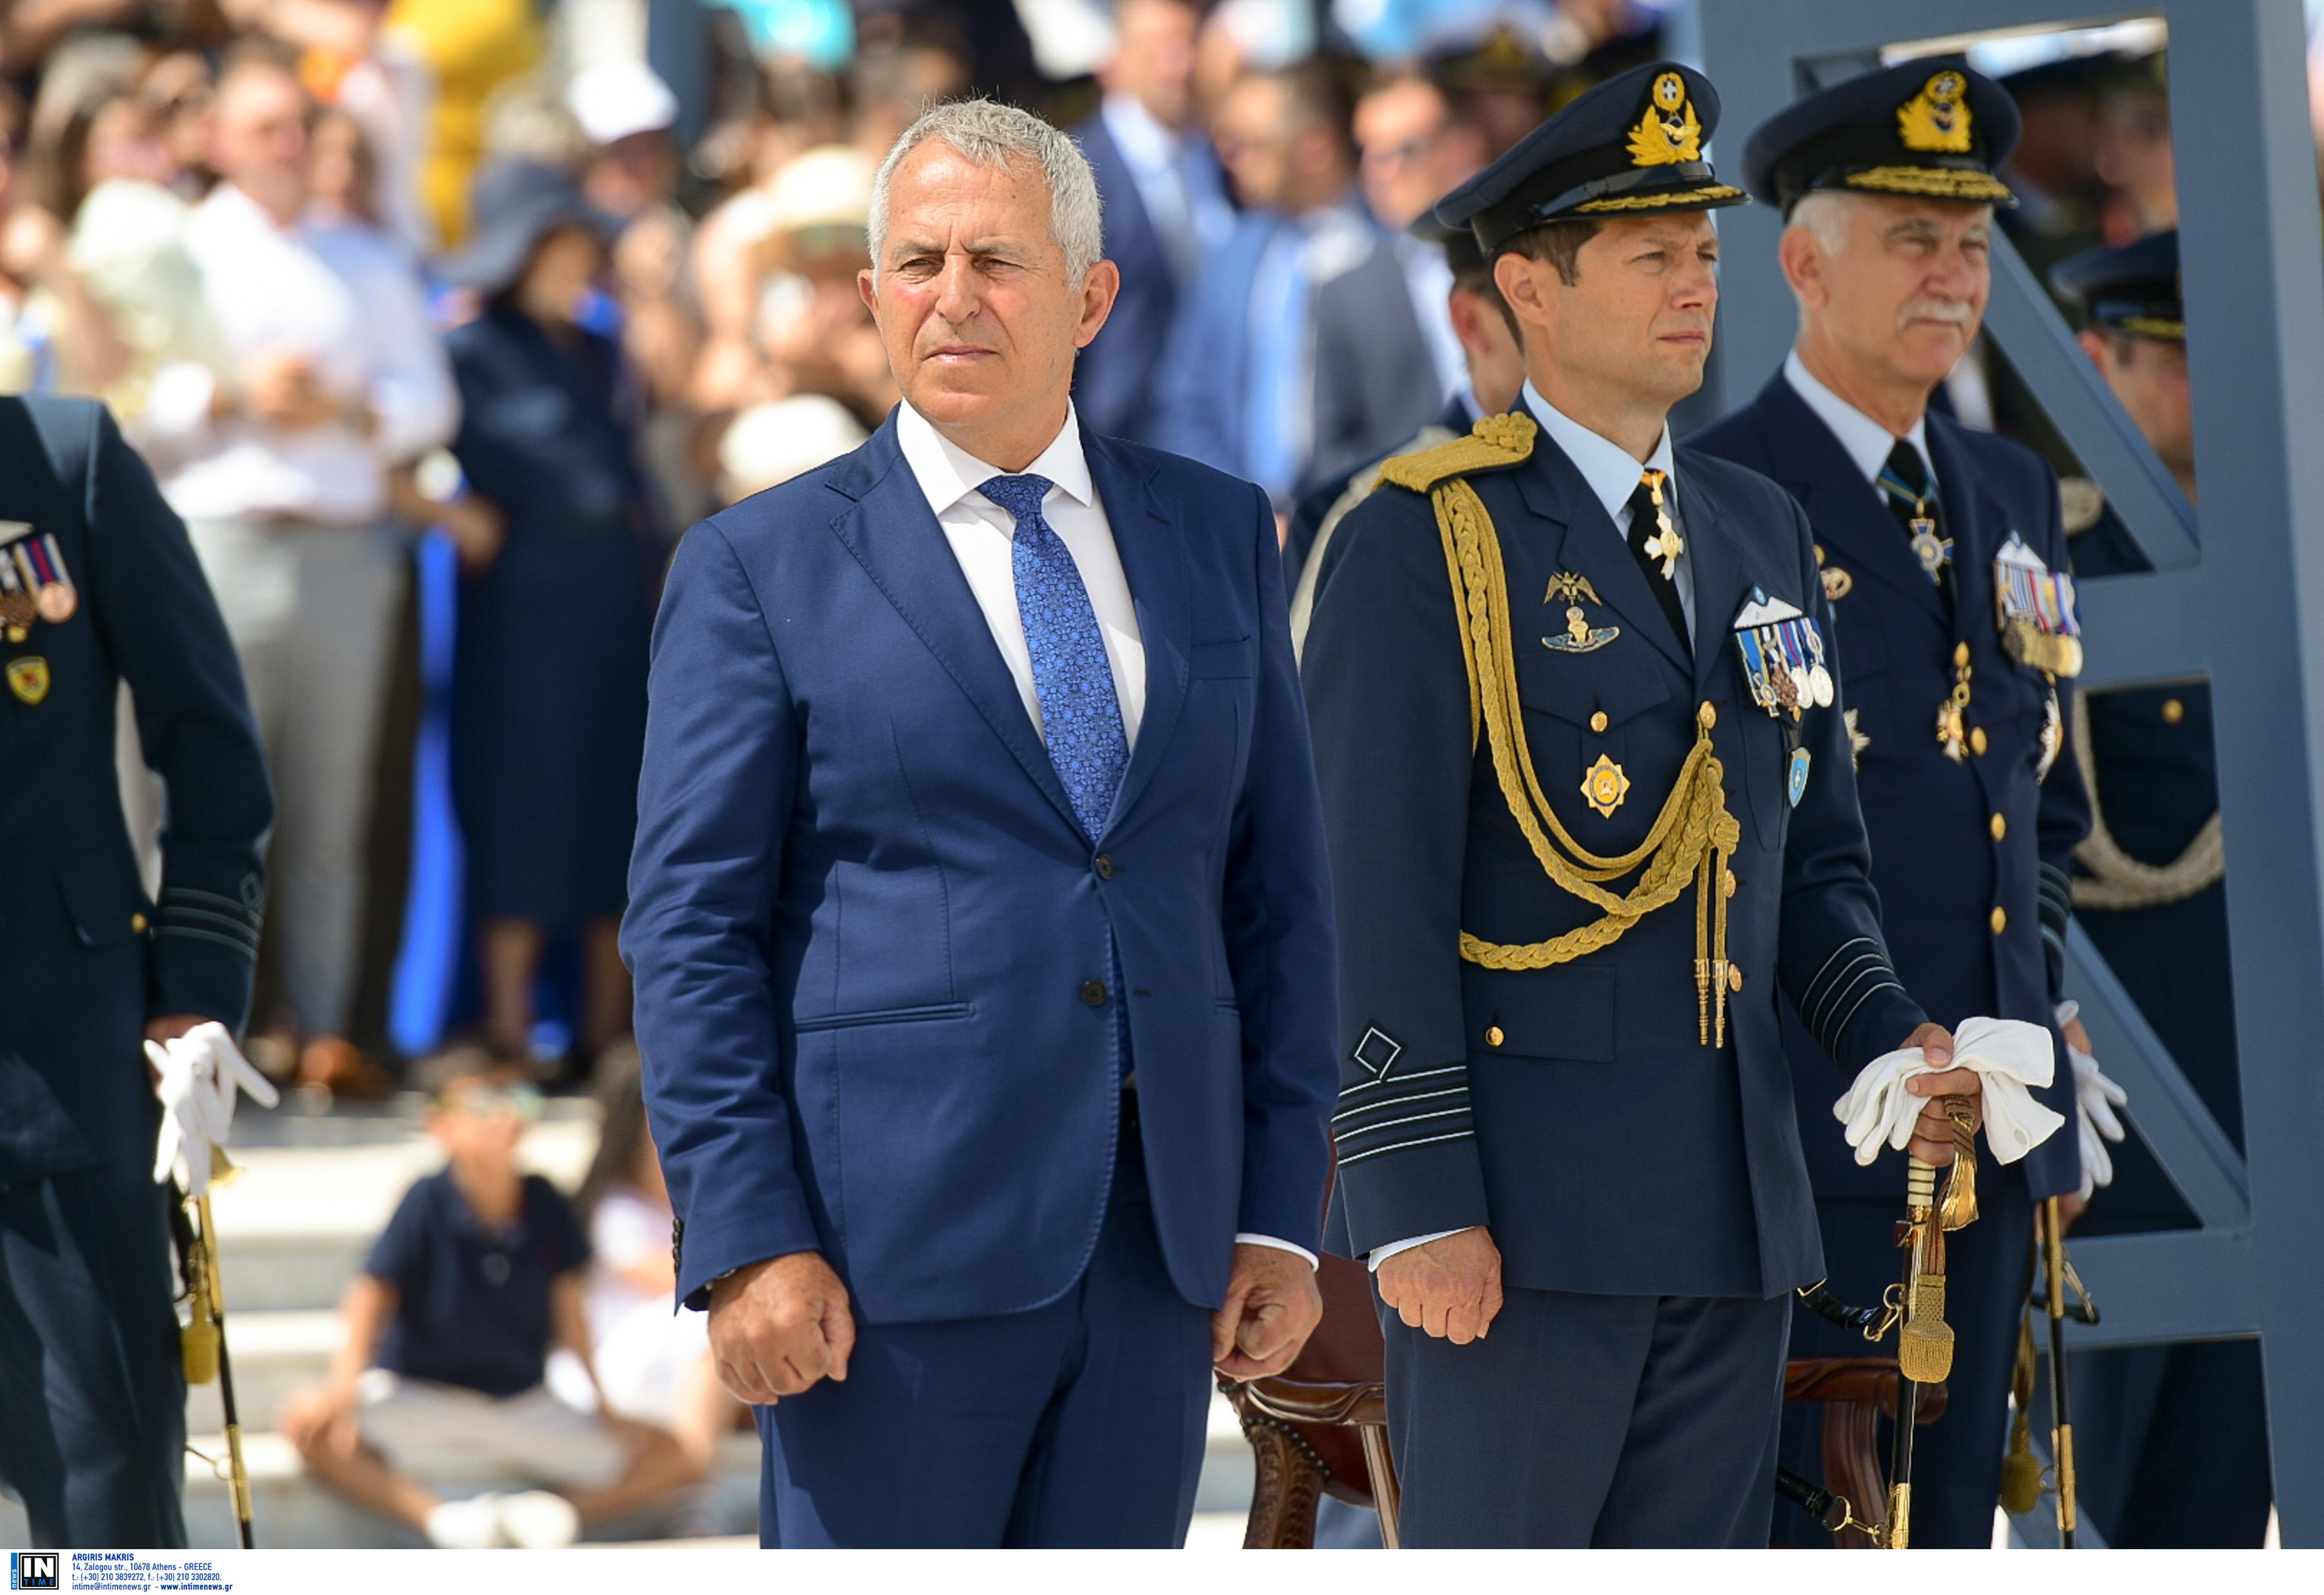 Ανασχηματισμός: Γιατί ο πρωθυπουργός επέλεξε τον Ευάγγελο Αποστολάκη για υπουργό Πολιτικής Προστασίας